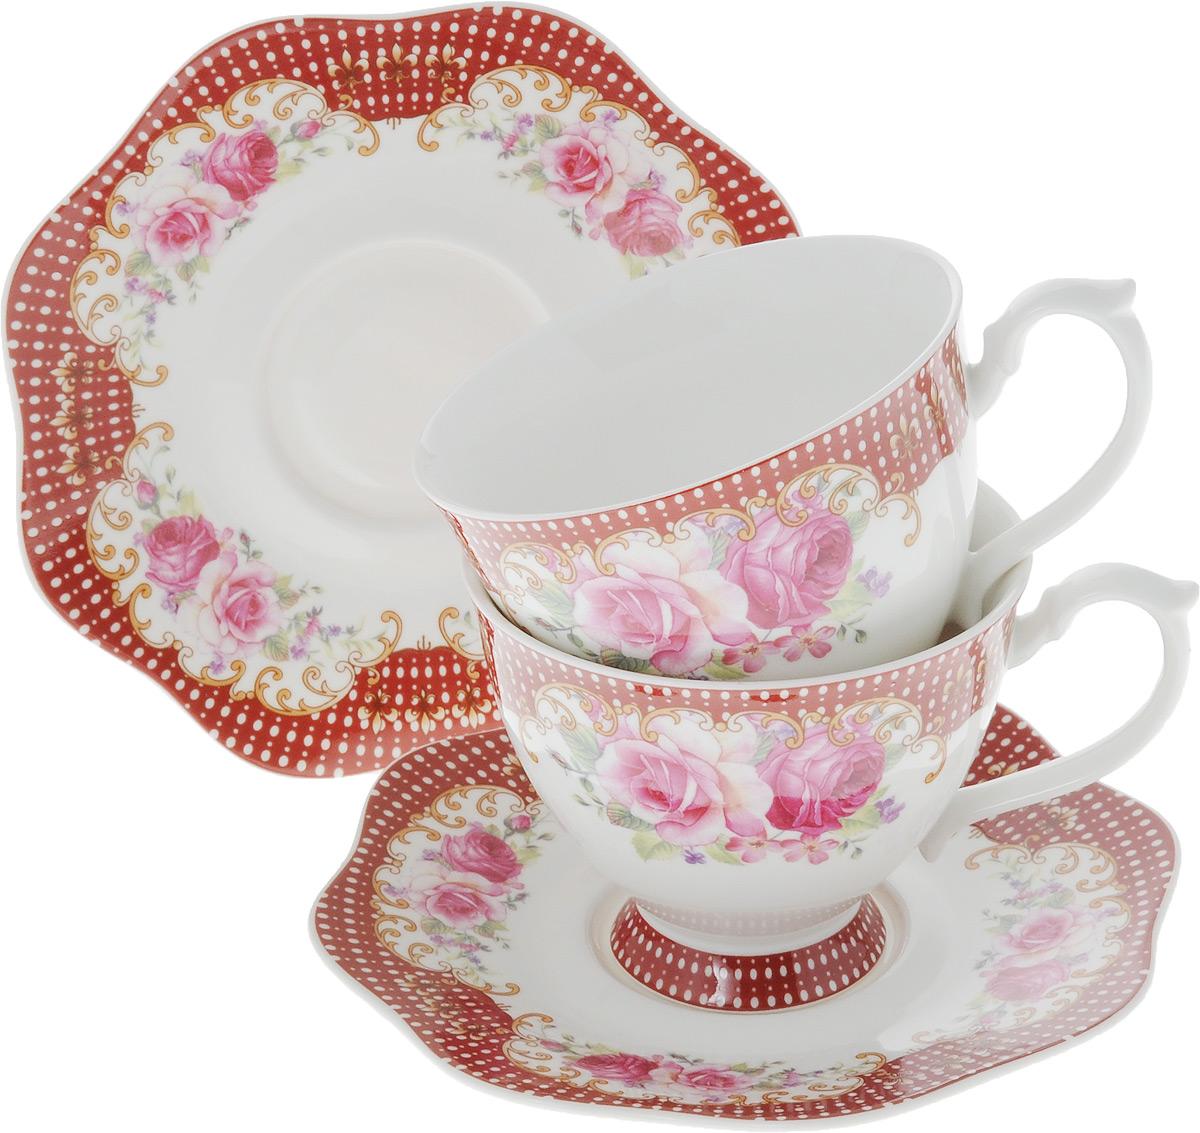 Набор чайный Loraine, 4 предмета. 2662226622Чайный набор Loraine на 2 персоны выполнен из высококачественного костяного фарфора - материала, безопасного для здоровья и надолго сохраняющего тепло напитка. В наборе 2 чашки и 2 блюдца. Несмотря на свою внешнюю хрупкость, каждый из предметов набора обладает высокой прочностью и надежностью. Изделия дополнены ярким красивым узором. Оригинальный дизайн сделает этот набор изысканным украшением любого стола. Набор упакован в подарочную коробку в форме сердца, поэтому его можно преподнести в качестве оригинального и практичного подарка для родных и близких. Объем чашки: 180 мл. Диаметр чашки (по верхнему краю): 8,5 см. Высота чашки: 7 см. Диаметр блюдца: 13,5 см.